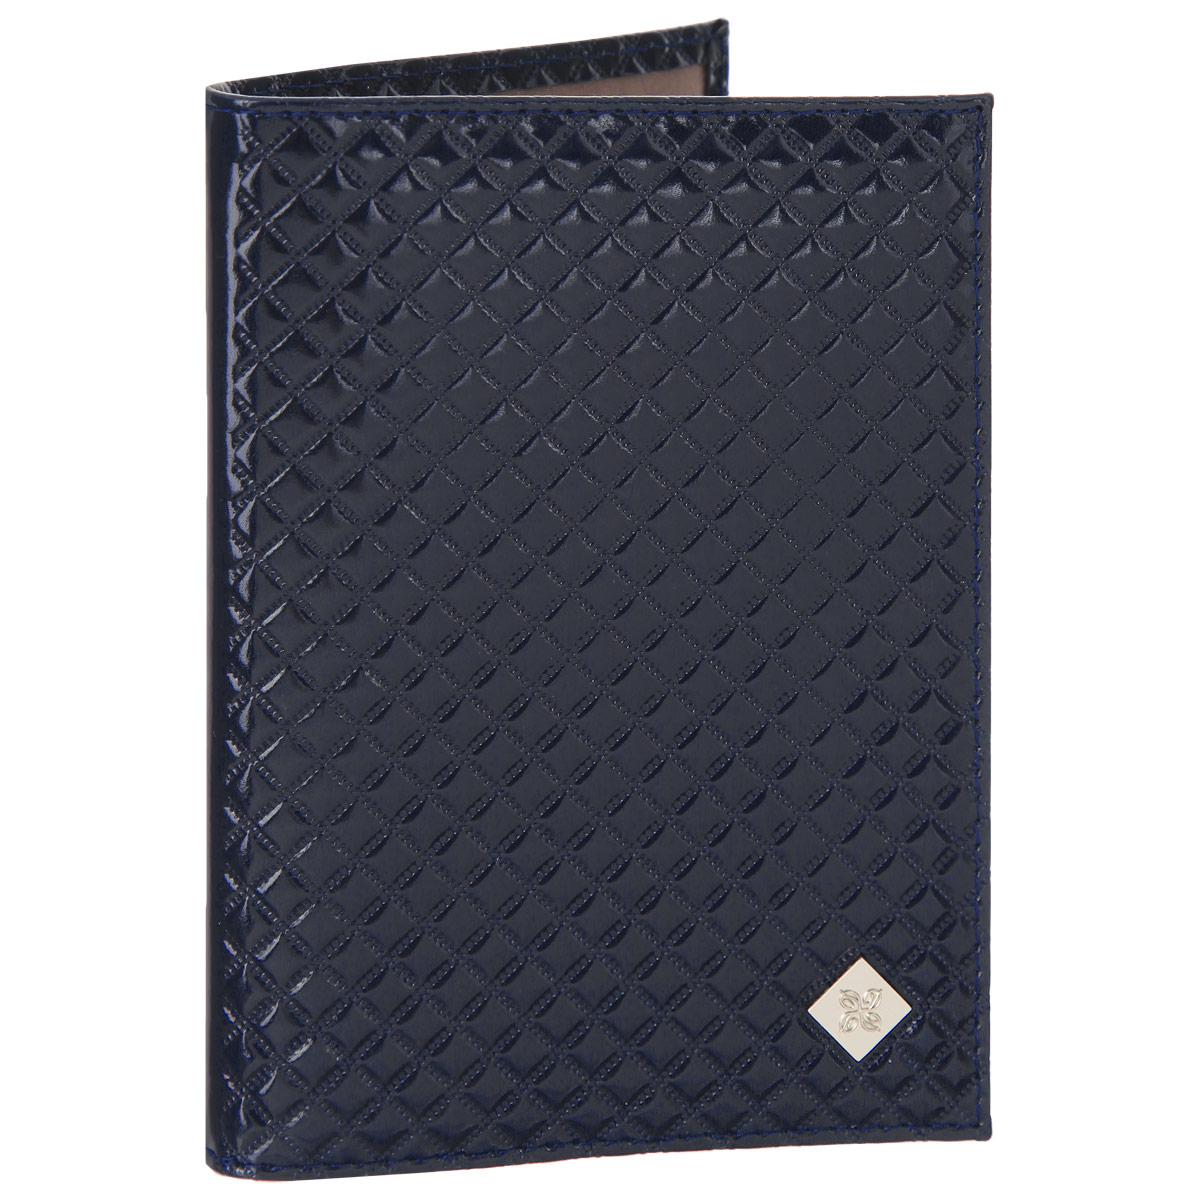 Обложка для паспорта женская Dimanche Rich, цвет: синий. 580/3580/3Обложка для паспорта Dimanche Rich выполнена из натуральной кожи, декорирована фактурным тиснением и брендовым металлическим значком на лицевой стороне обложки.Обложка на подкладке с пластиковыми клапанами.Обложка не только поможет сохранить внешний вид ваших документов и защитить их от повреждений, но и станет стильным аксессуаром, идеально подходящим вашему образу. Обложка для паспорта стильного дизайна может быть достойным и оригинальным подарком.